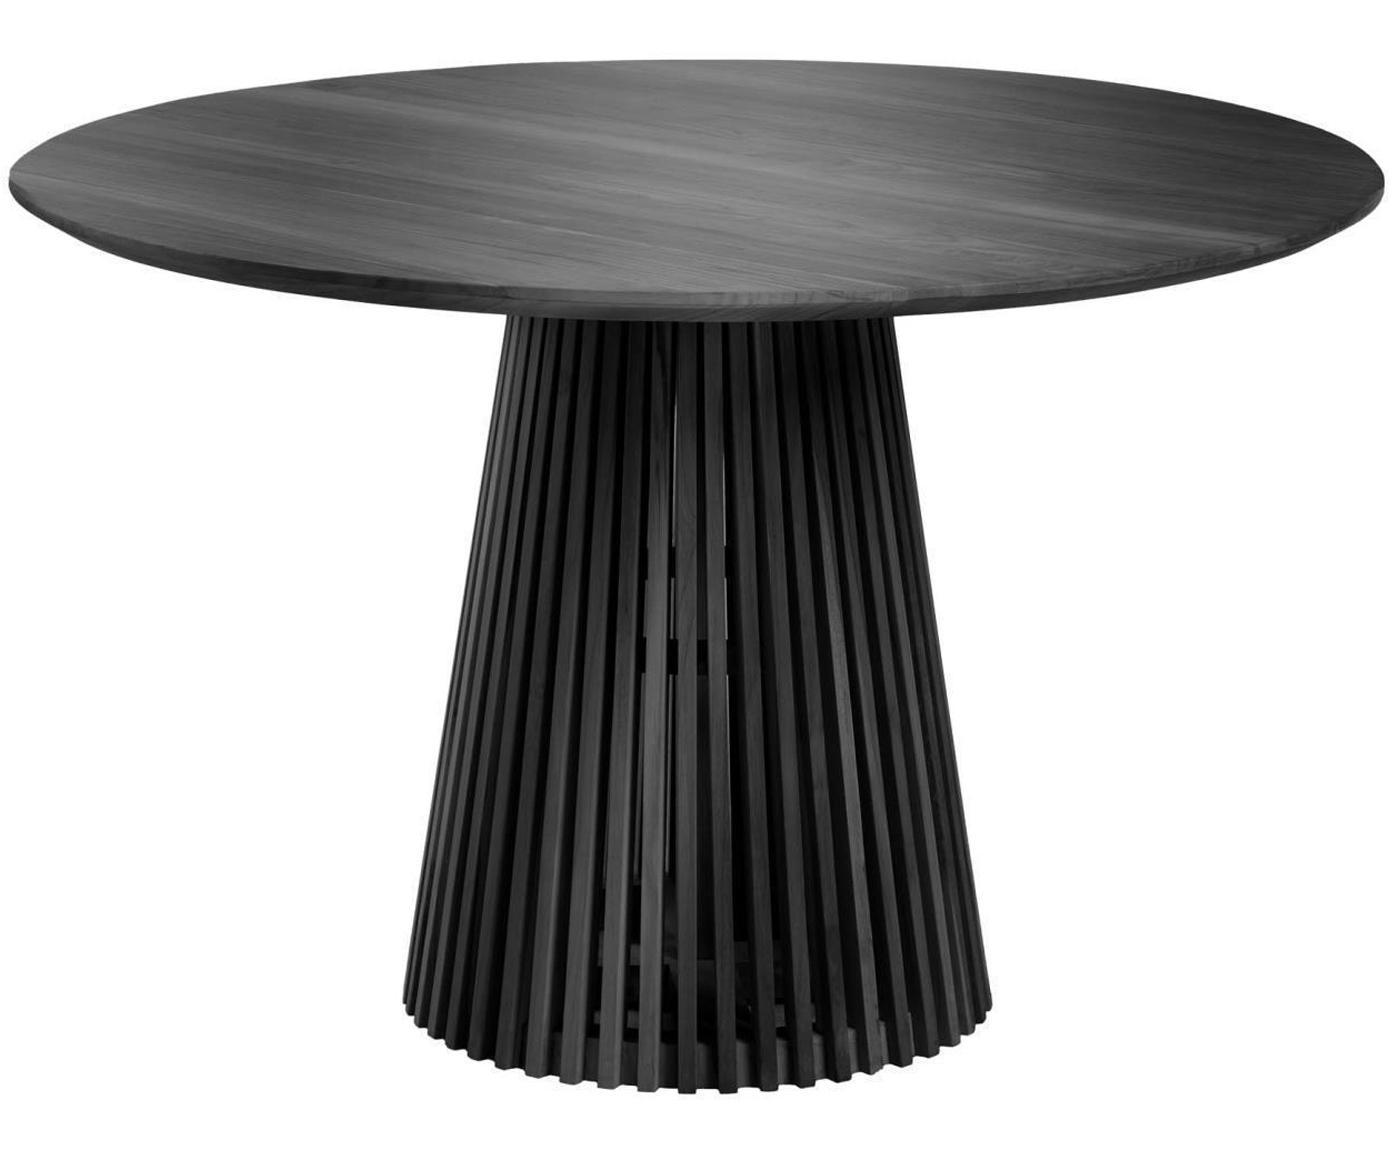 Okrągły stół do jadalni z litego drewna Jeanette, Drewno naturalne, Czarny, S 120 x W 78 cm